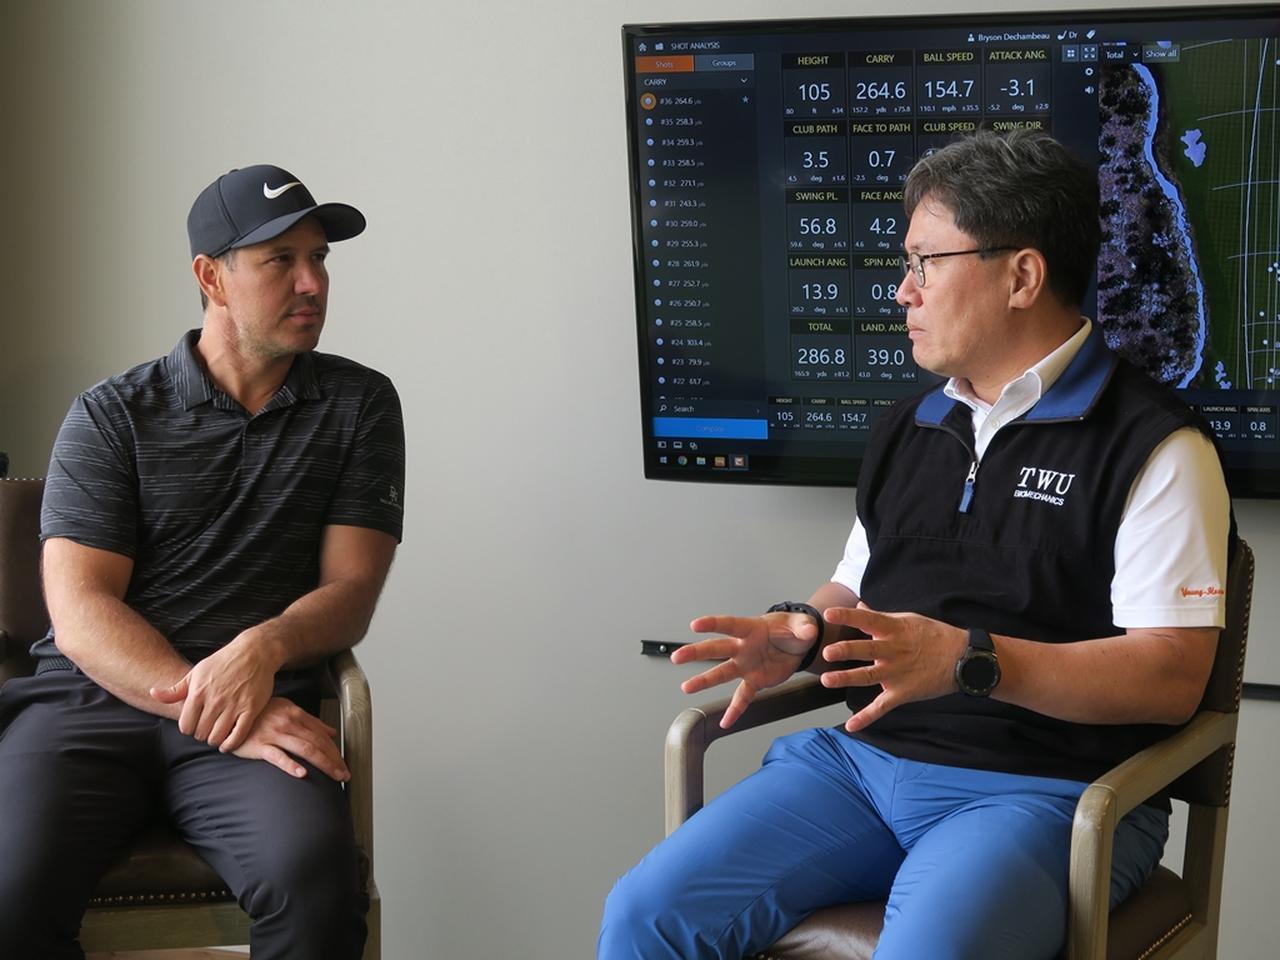 画像: クリス・コモ(写真左)とヤン・フー・クォン教授(写真右)。2人は、動きの効率化が飛距離アップとケガ防止につながるという